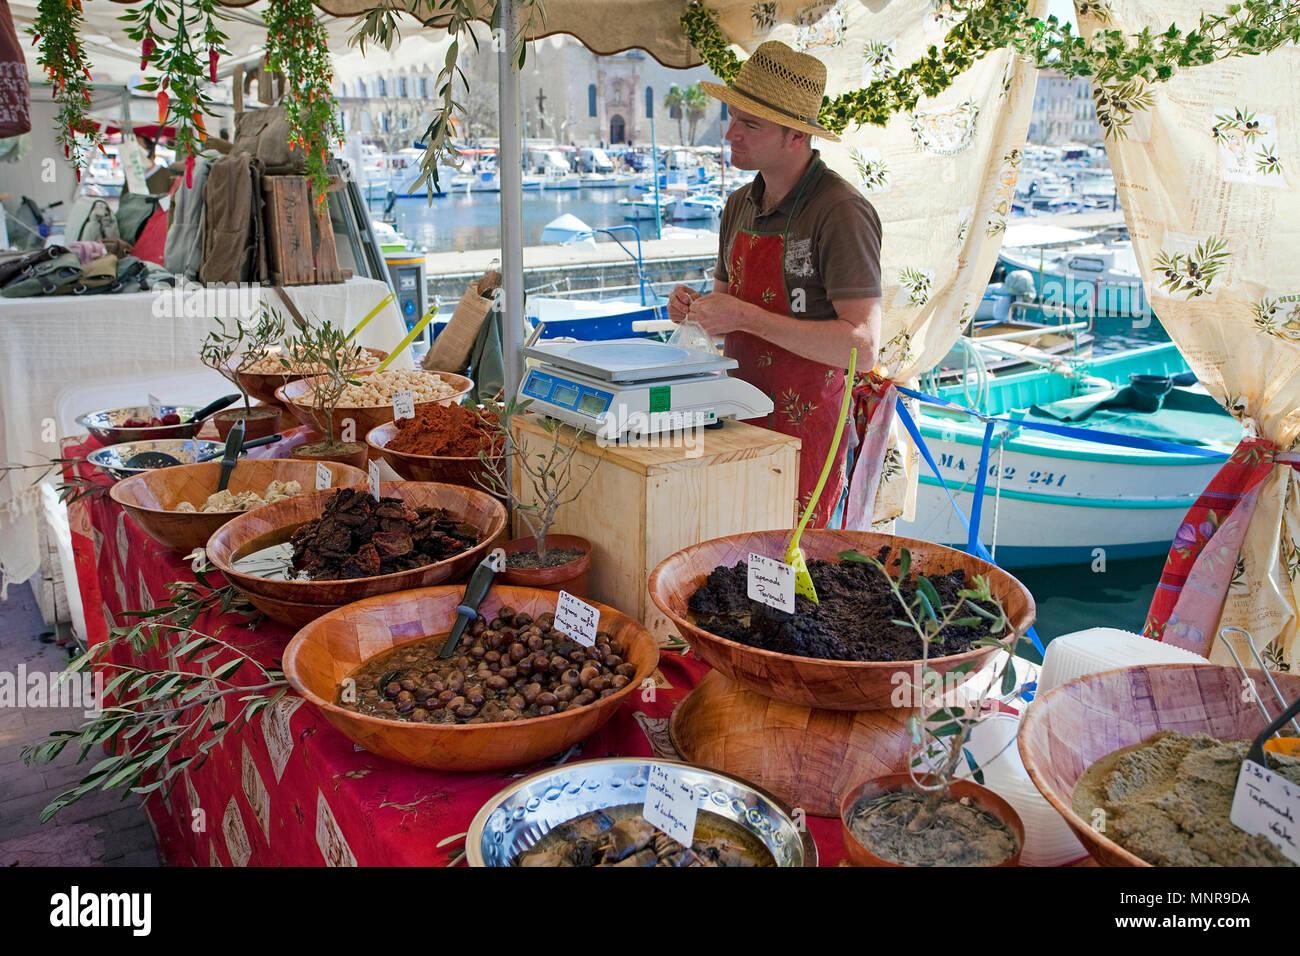 Verkauf von regionalen Erzeugnissen auf dem Strassenmarkt in La Ciotat, Departement Bouches-du-Rhone, Provence-Alpes-Côte d'Azur, Suedfrankreich, Fran - Stock Image